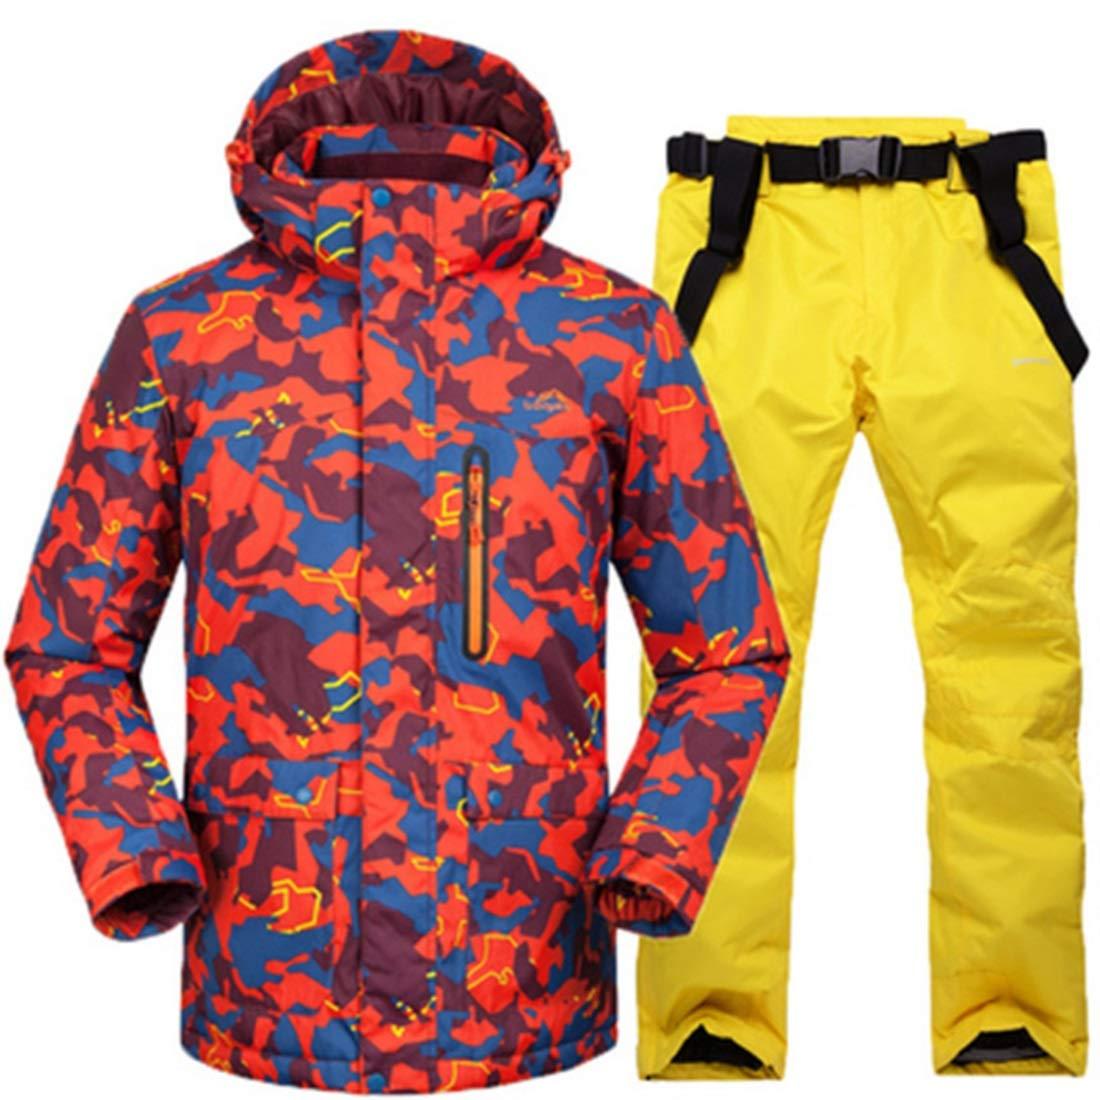 Igspfbjn Igspfbjn Igspfbjn Outdoor Snowsuit Uomo Inverno Giacca da Sci e Pantaloni Set Completo da Sci (Coloree   03, Dimensione   XXXL)B07KQ55FTNXXL 03 | A Buon Mercato  | Outlet Online  | On-line  | Prima Consumatori  | Stile elegante  | Outlet Online Store  b2bd50